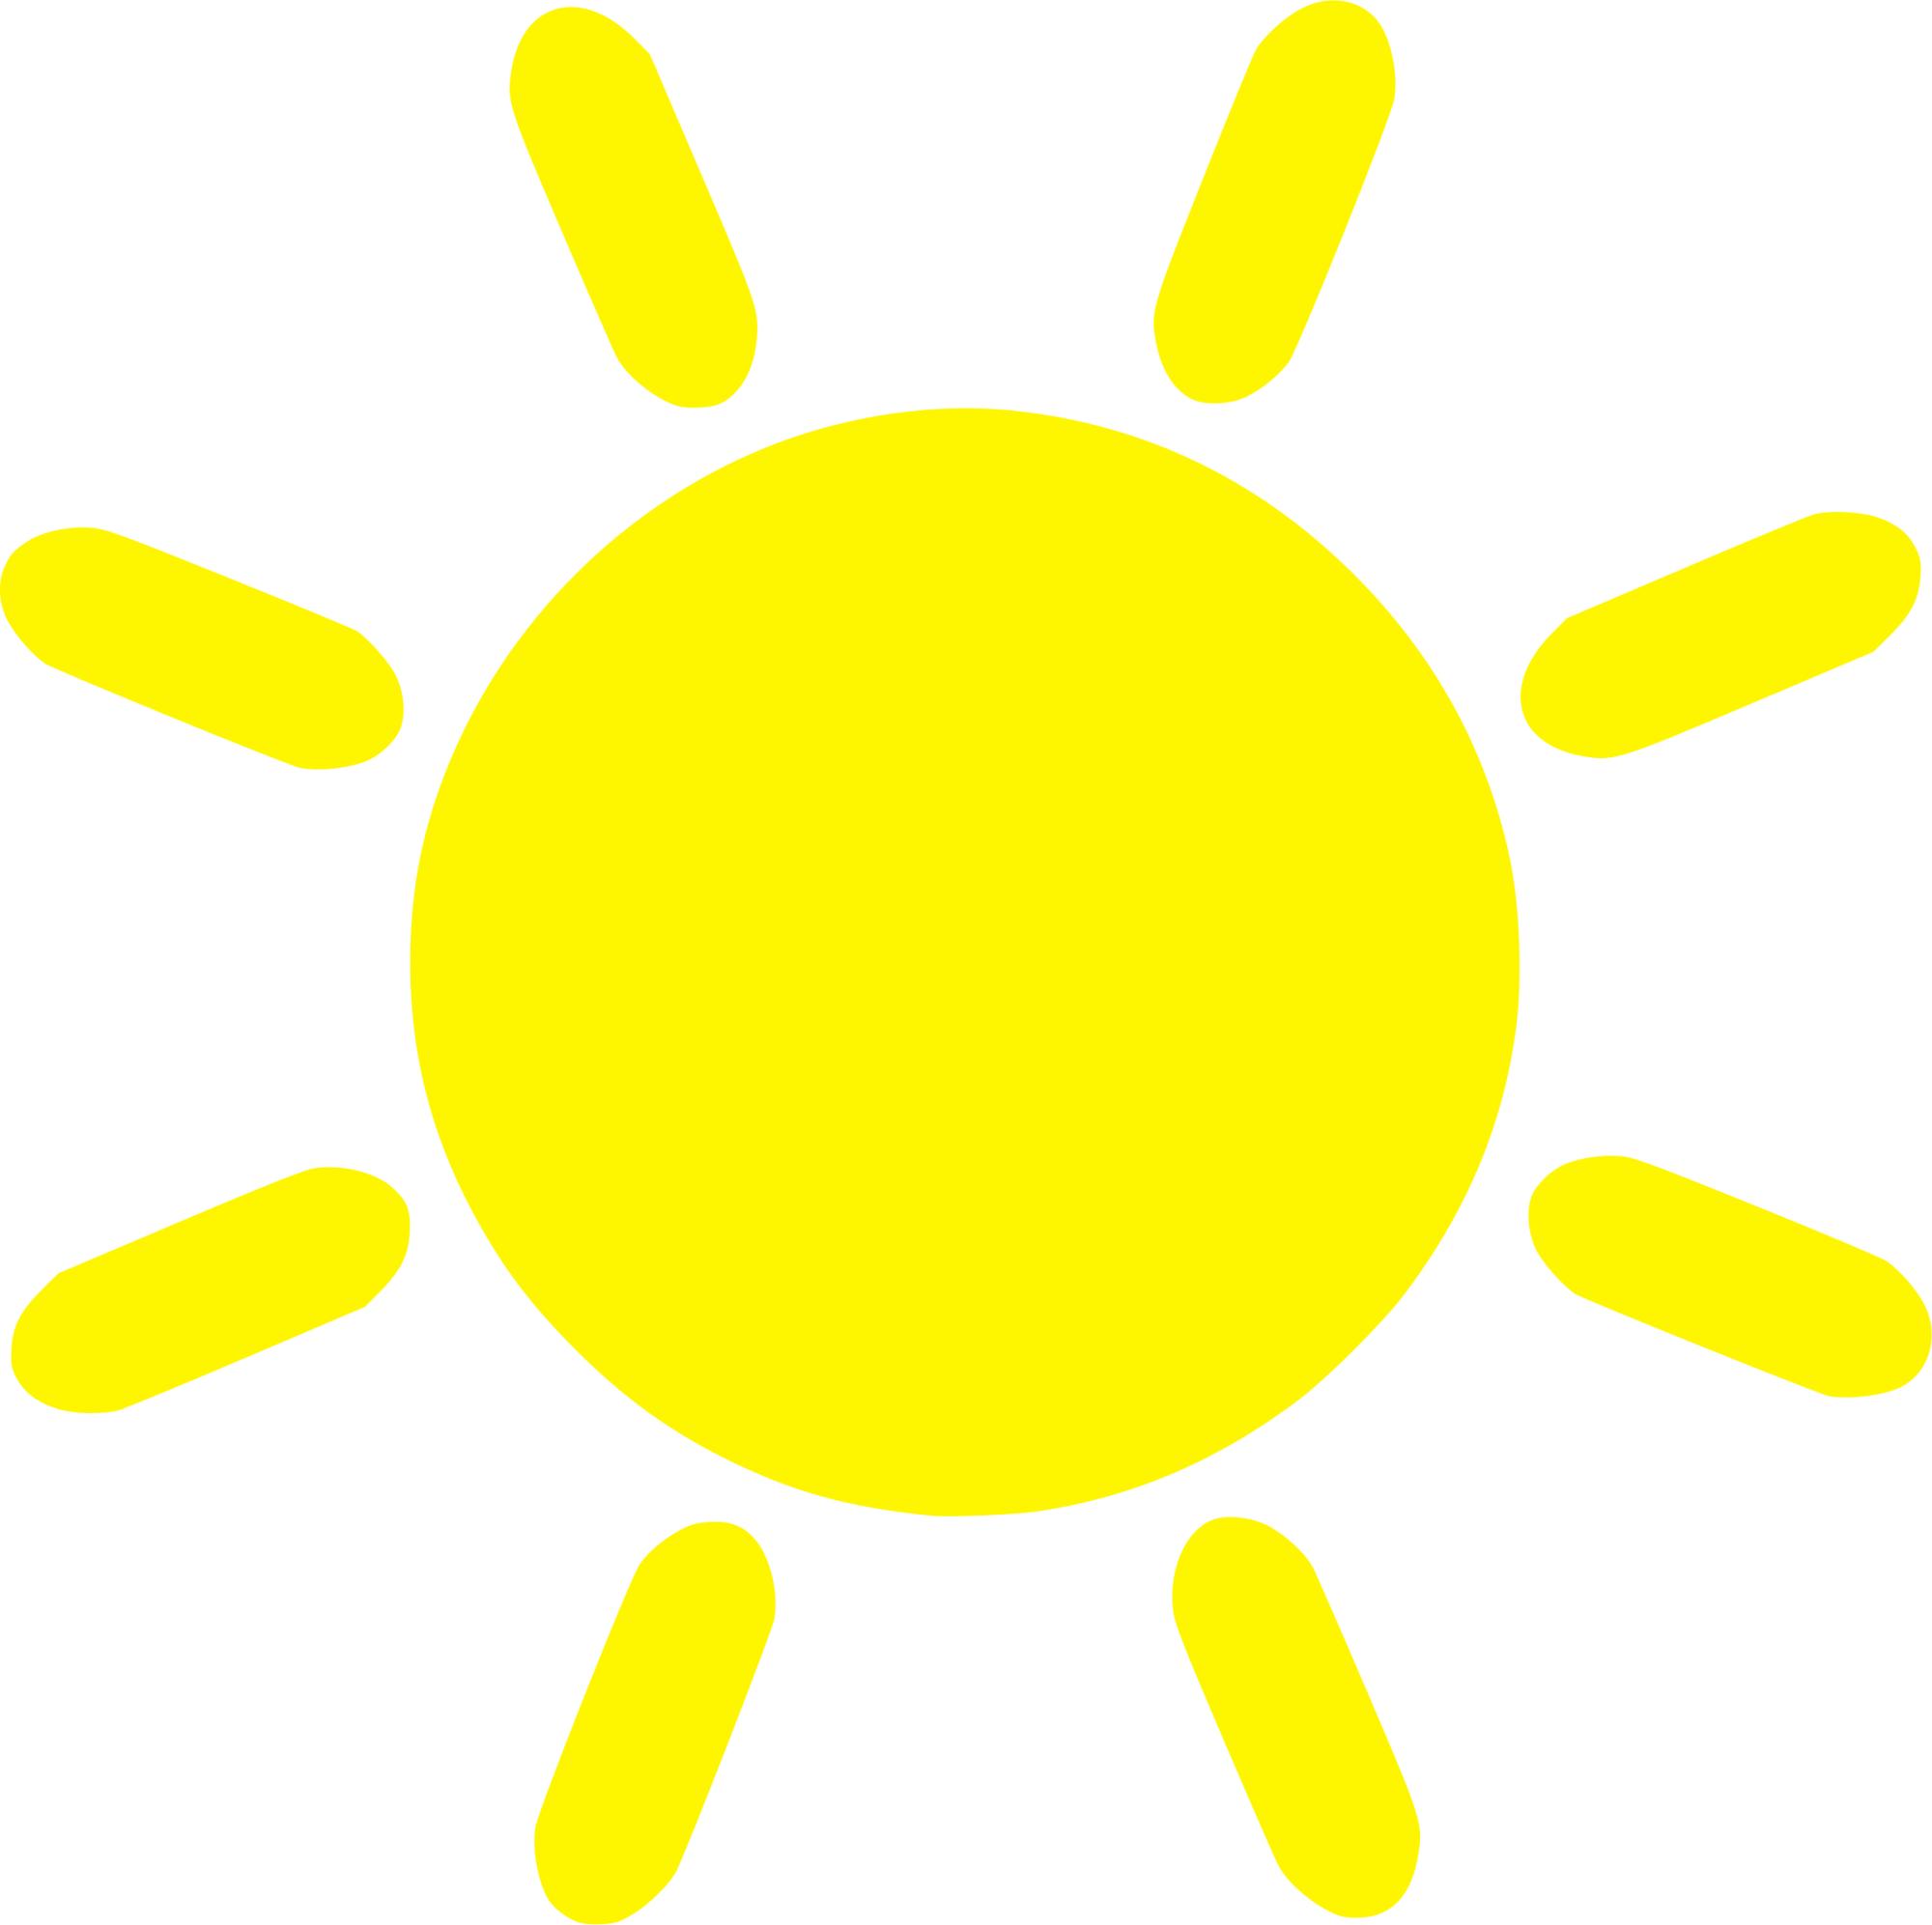 hight resolution of clipart categories sun clipart sun clipart